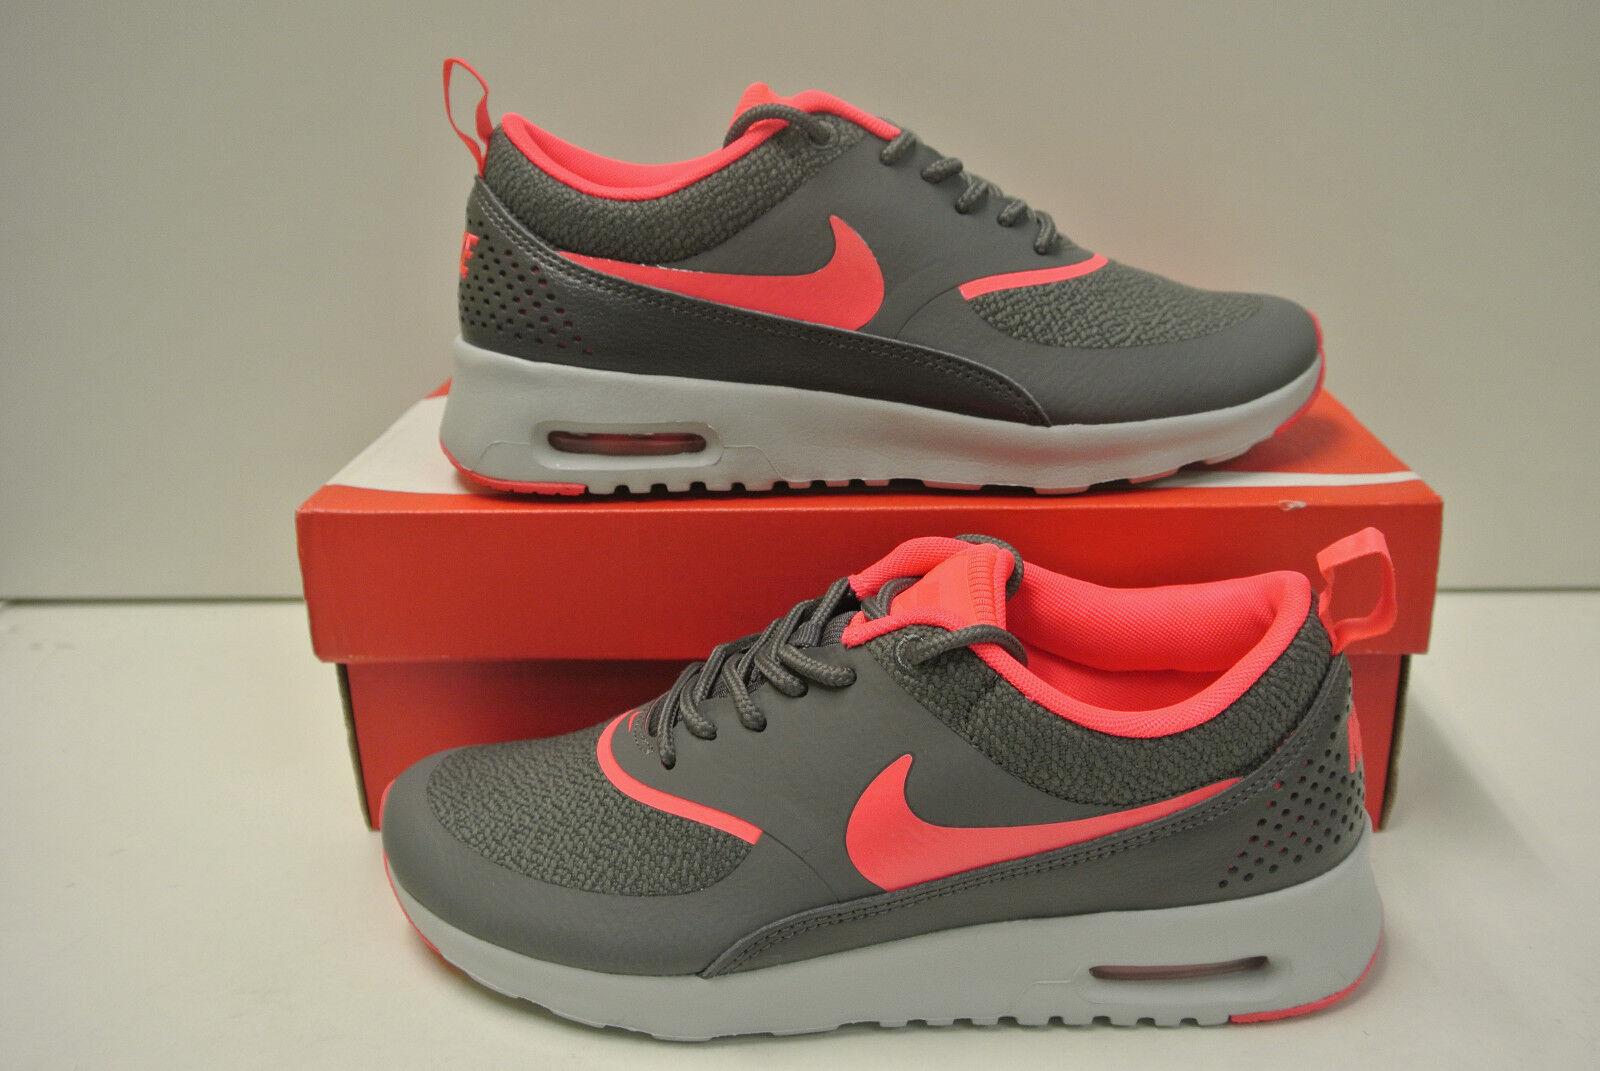 WMNS Nike Air Max Thea Gr. wählbar Neu & OVP 599409 014